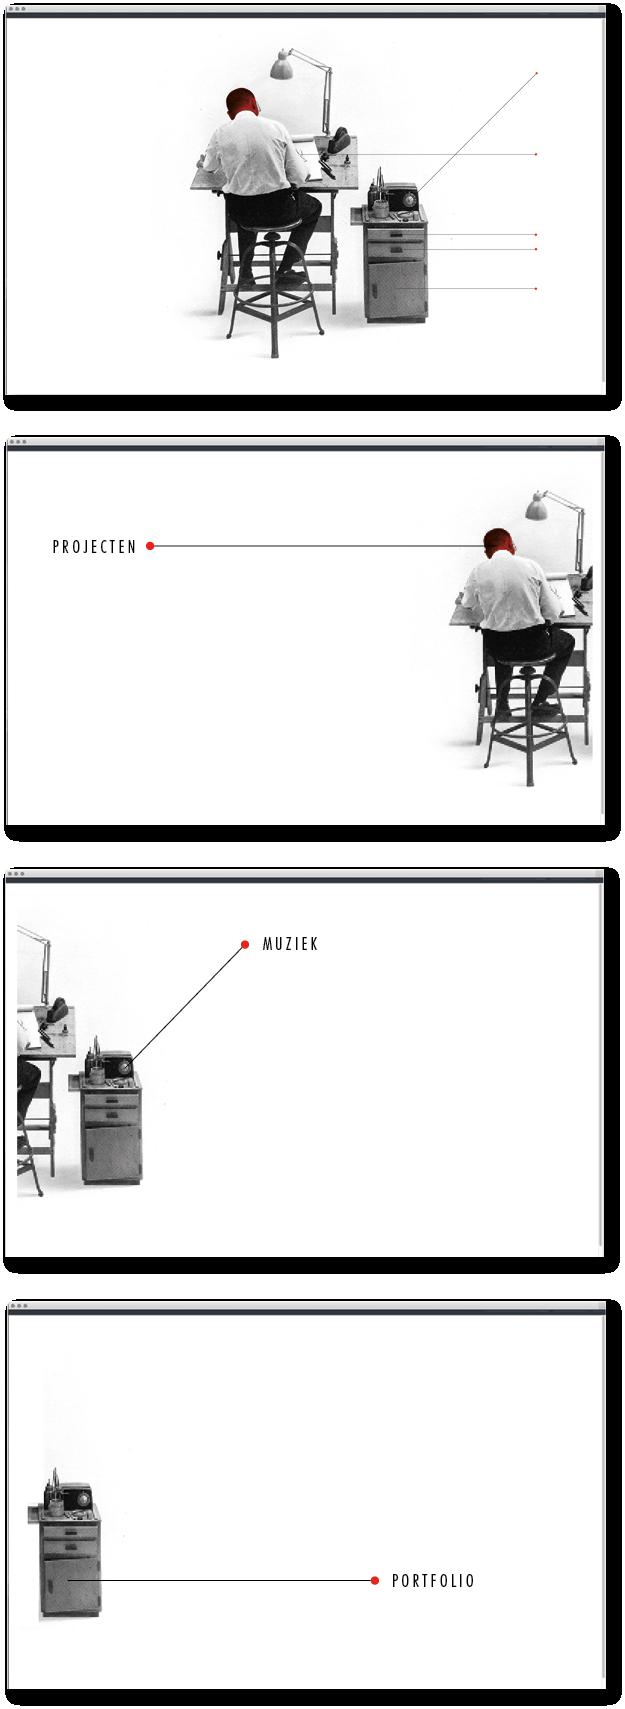 mettrop grafische vormgeving mettrop grafische vormgeving